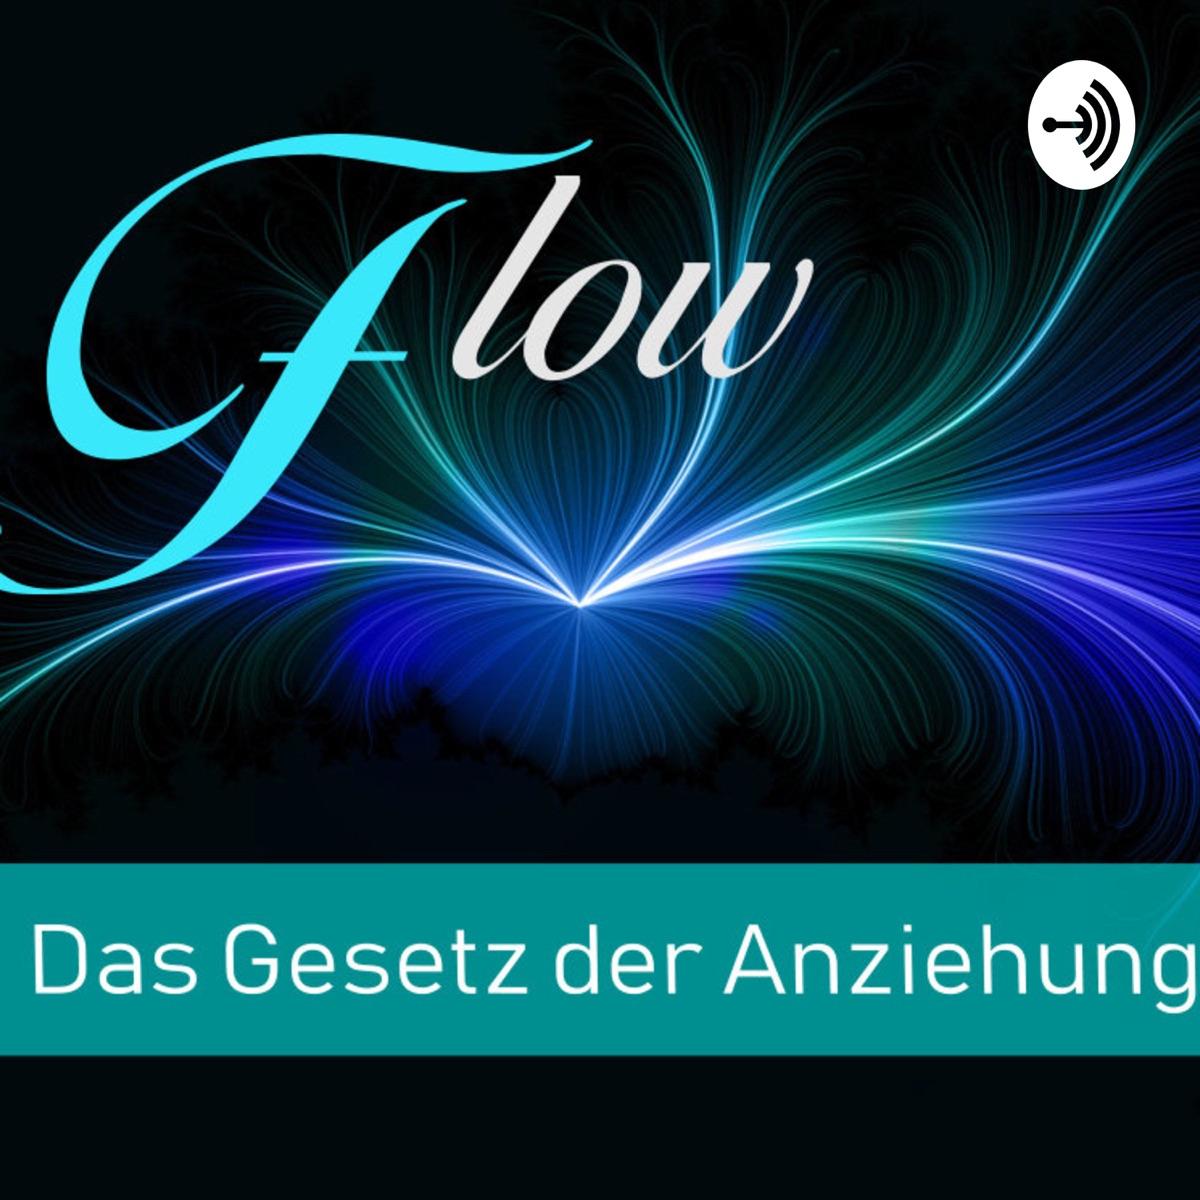 FLOW - Das Gesetz der Anziehung